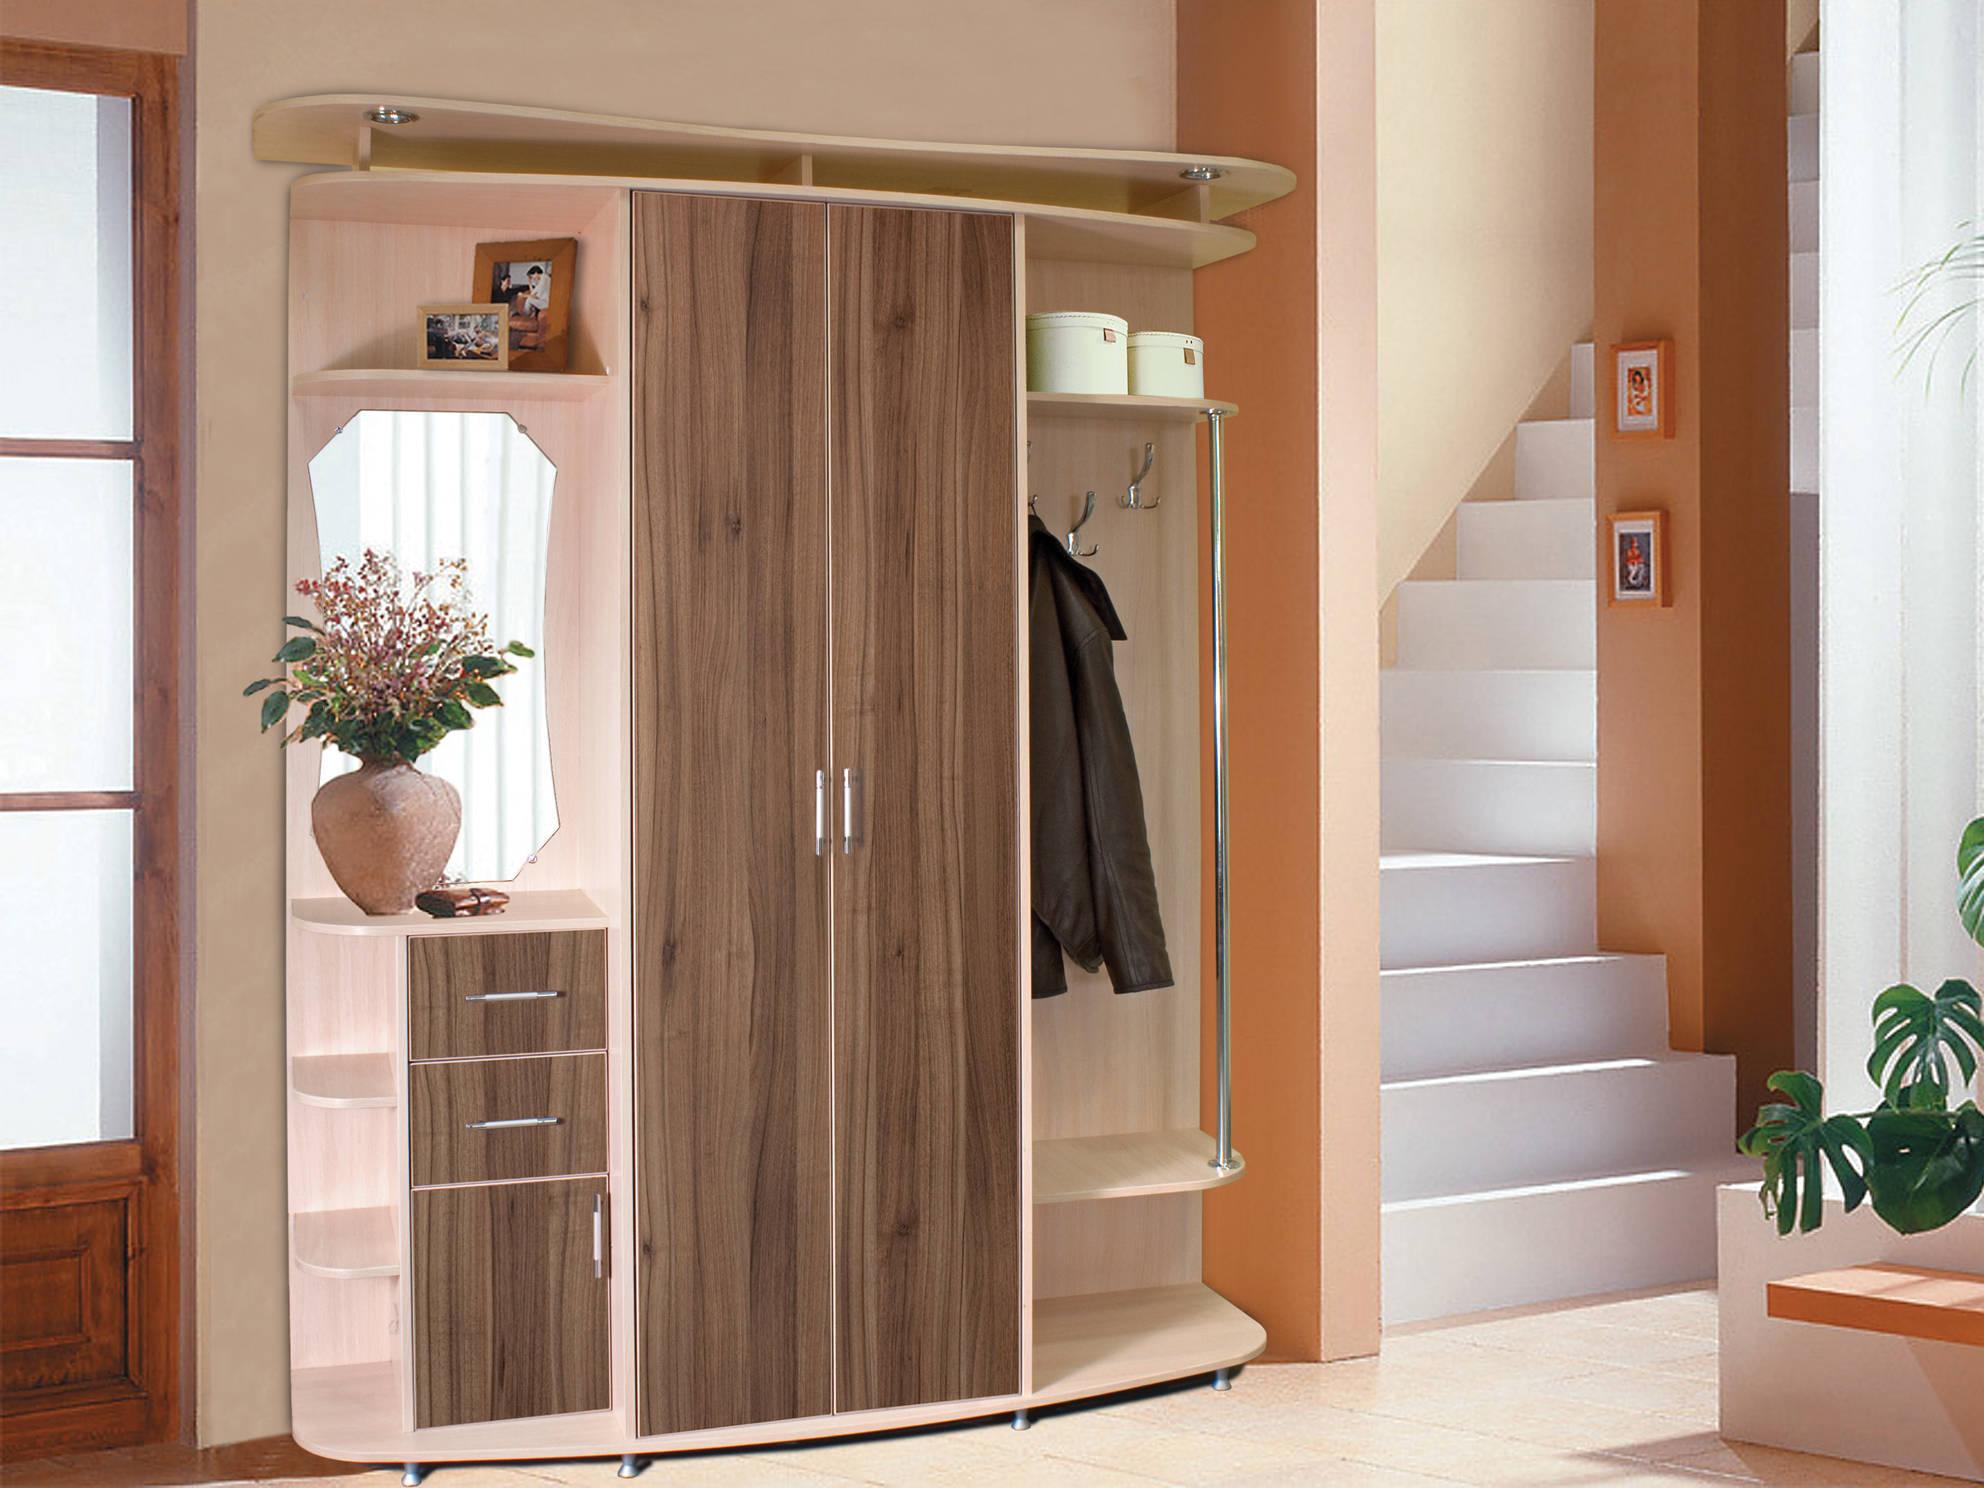 красивый дизайн проходной с маленьким коридором